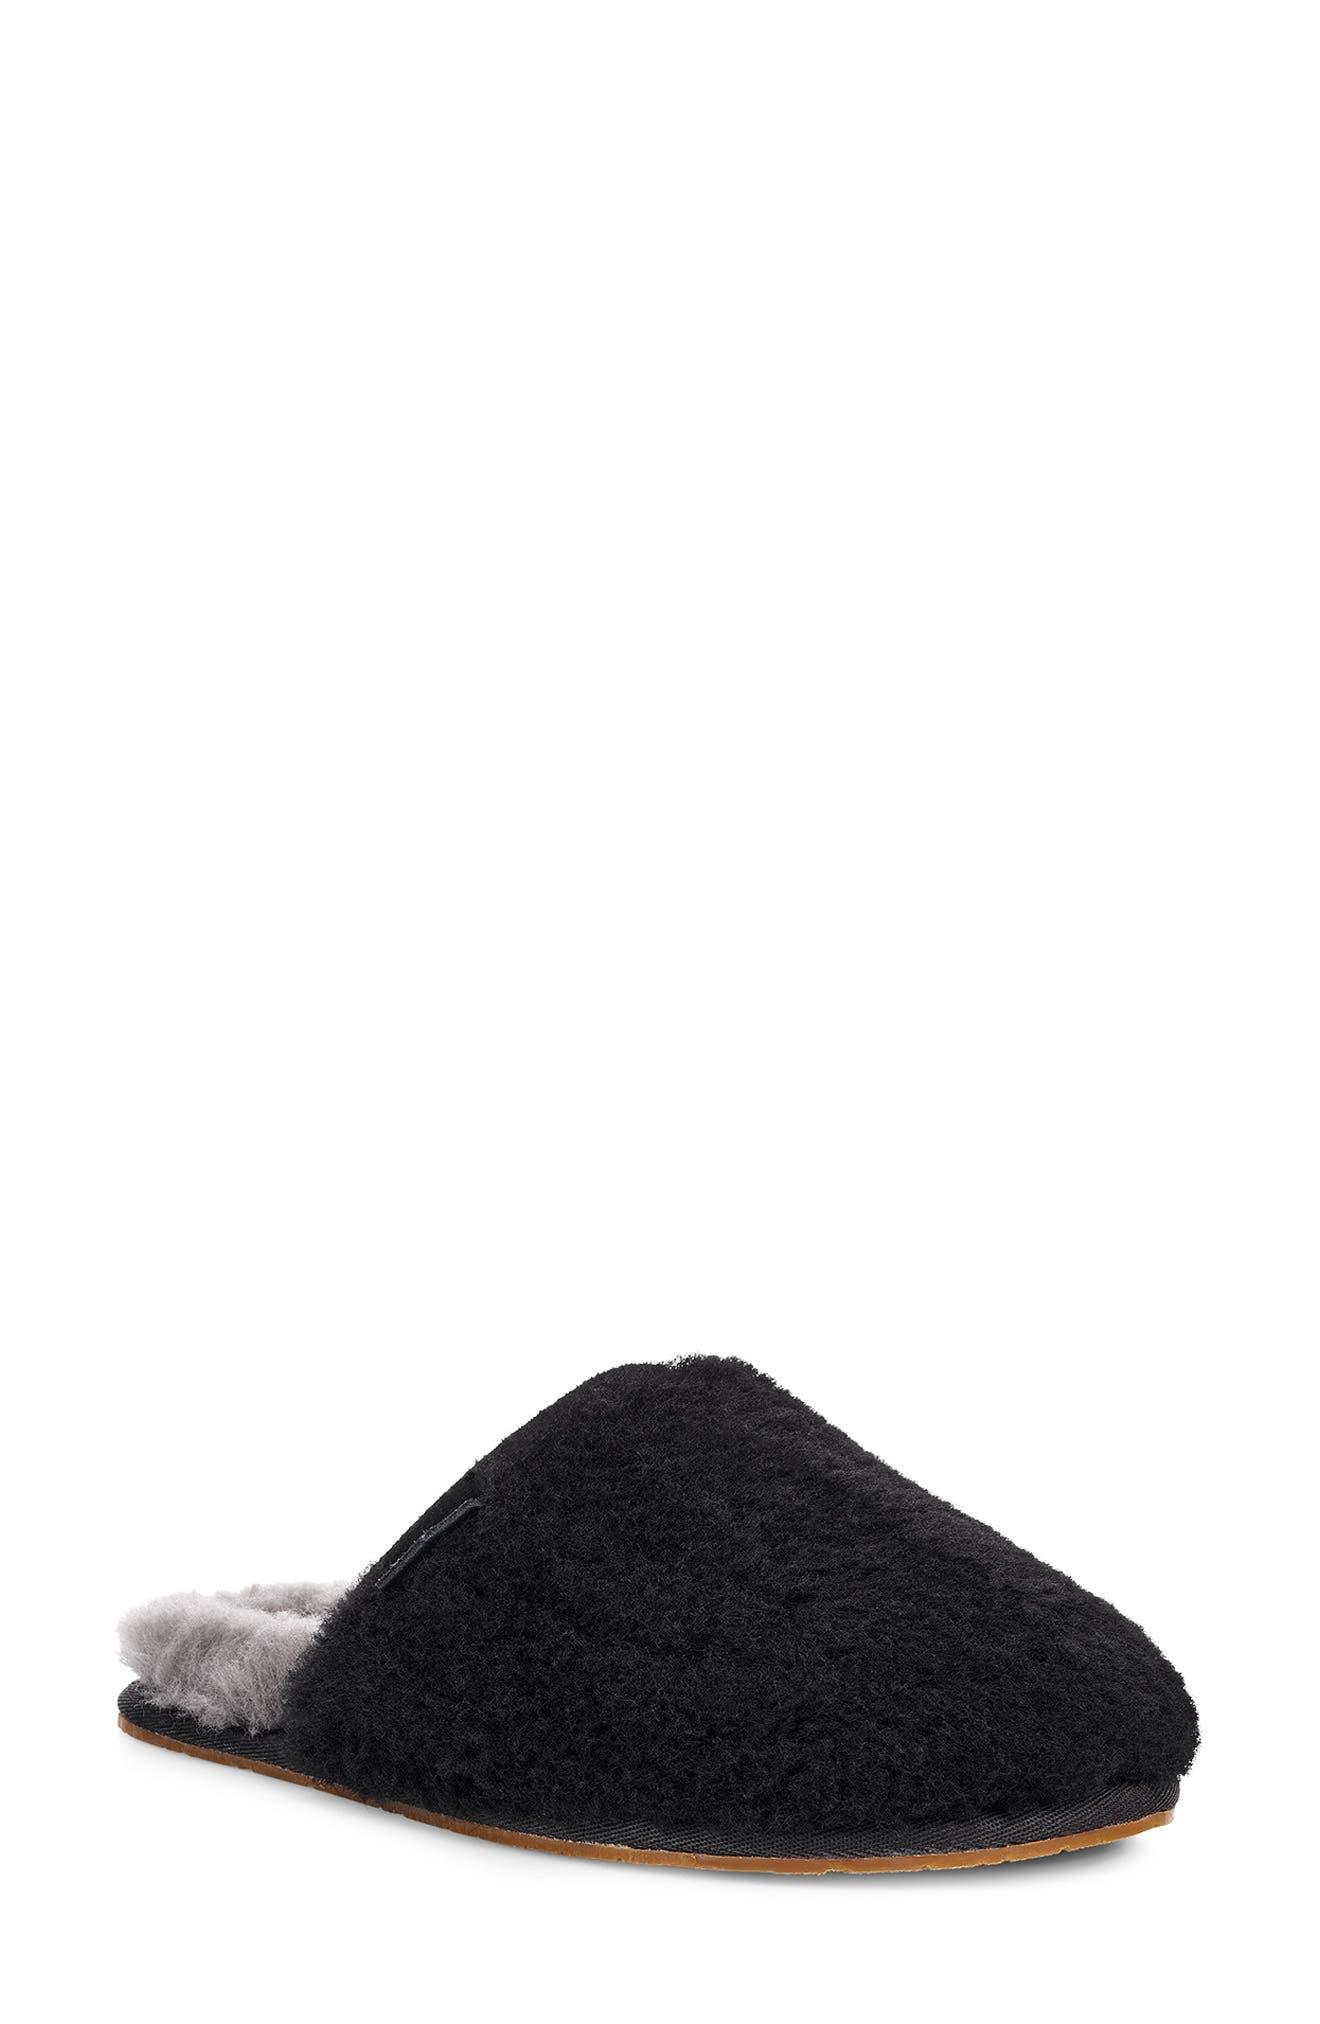 Ugg Fluffette Slipper, Black